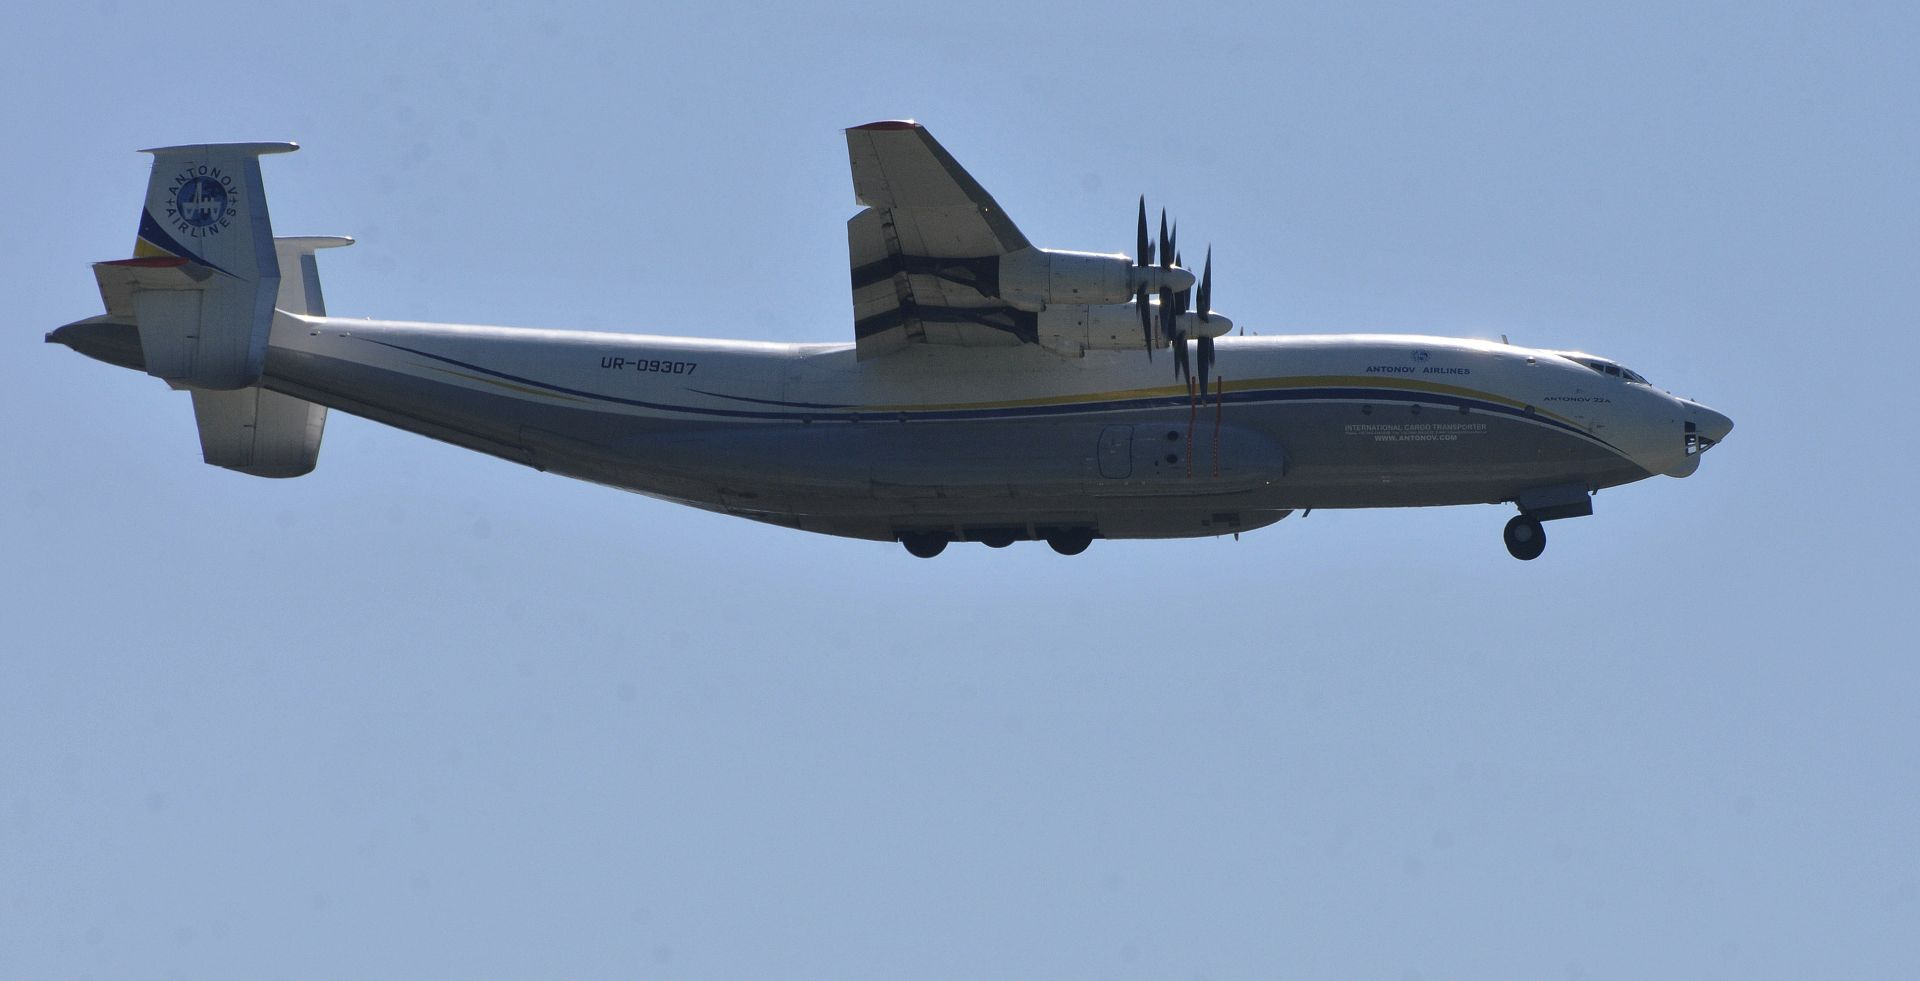 Най-големият витлов самолет в света Антонов Ан-22 /Антей/ излетя от летище Бургас